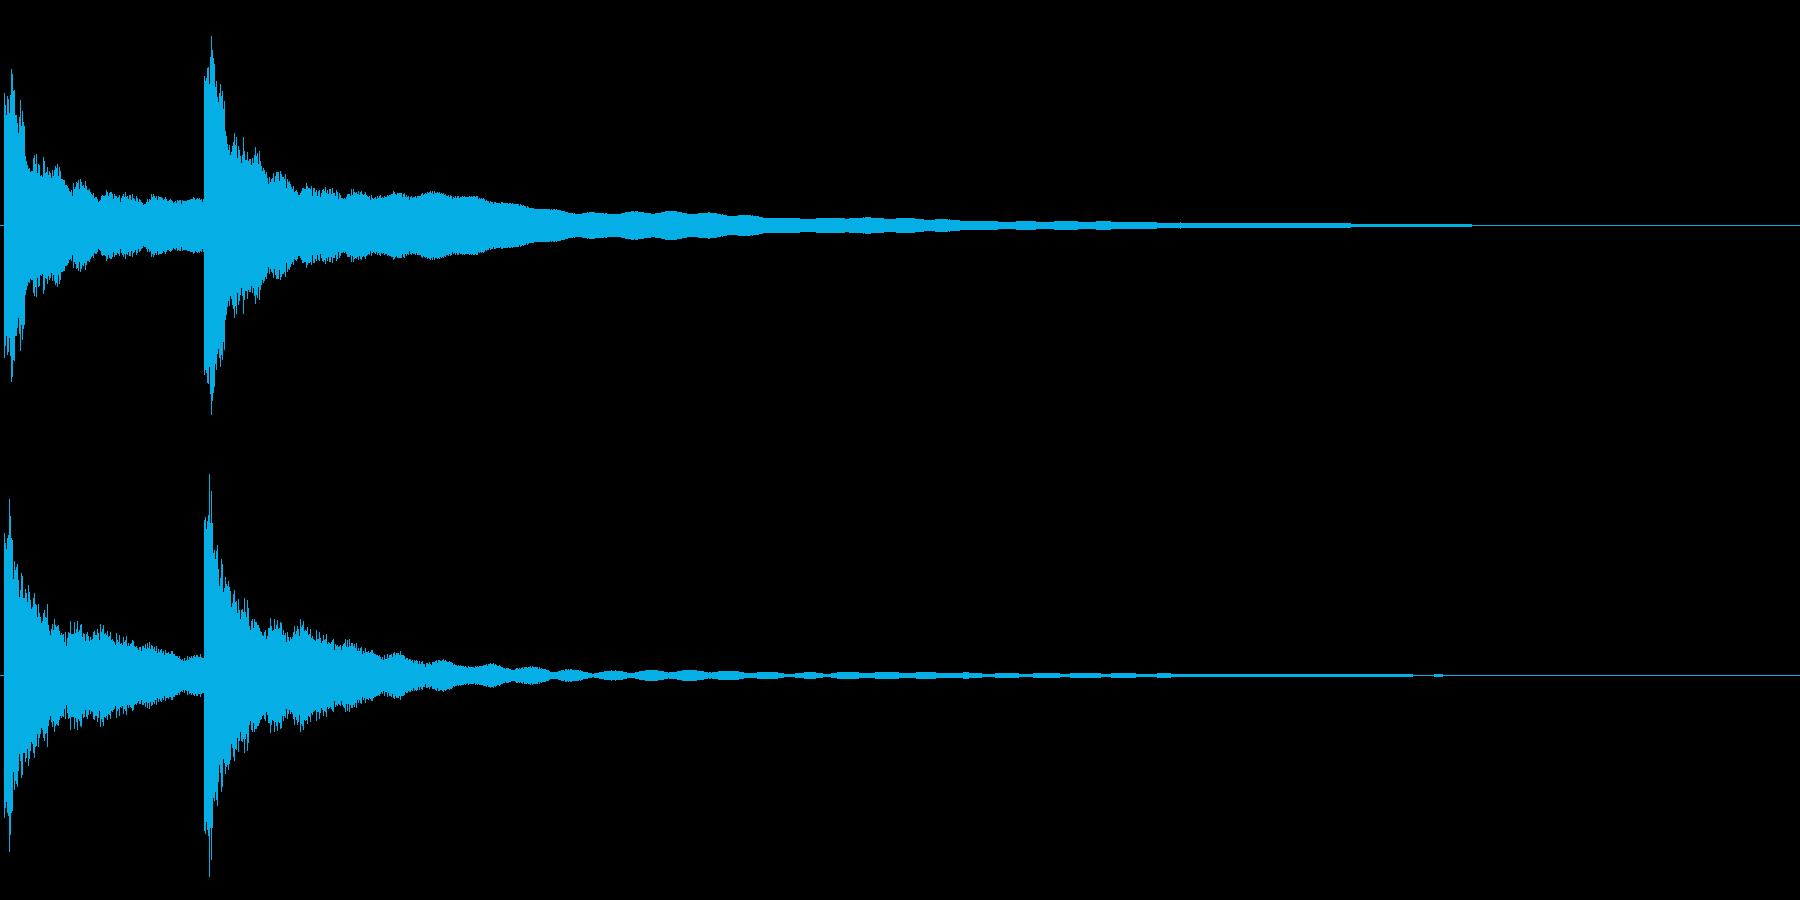 カーンカーン 西洋の鐘の音1 リバーブ付の再生済みの波形